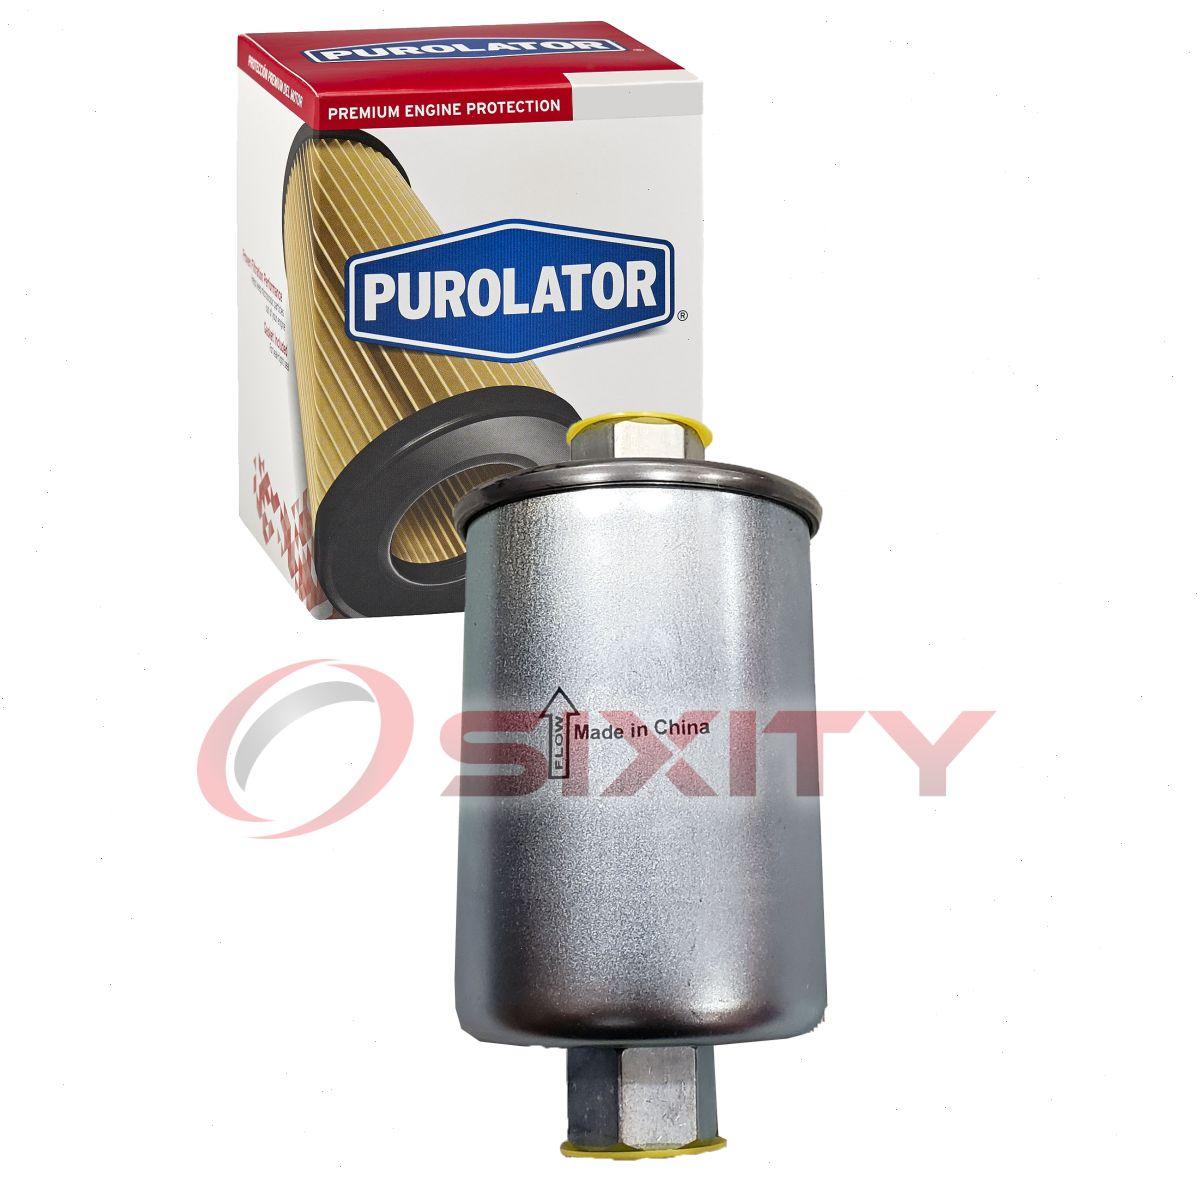 Purolator Fuel Filter for 40 40 Chevrolet Silverado 40 HD ...